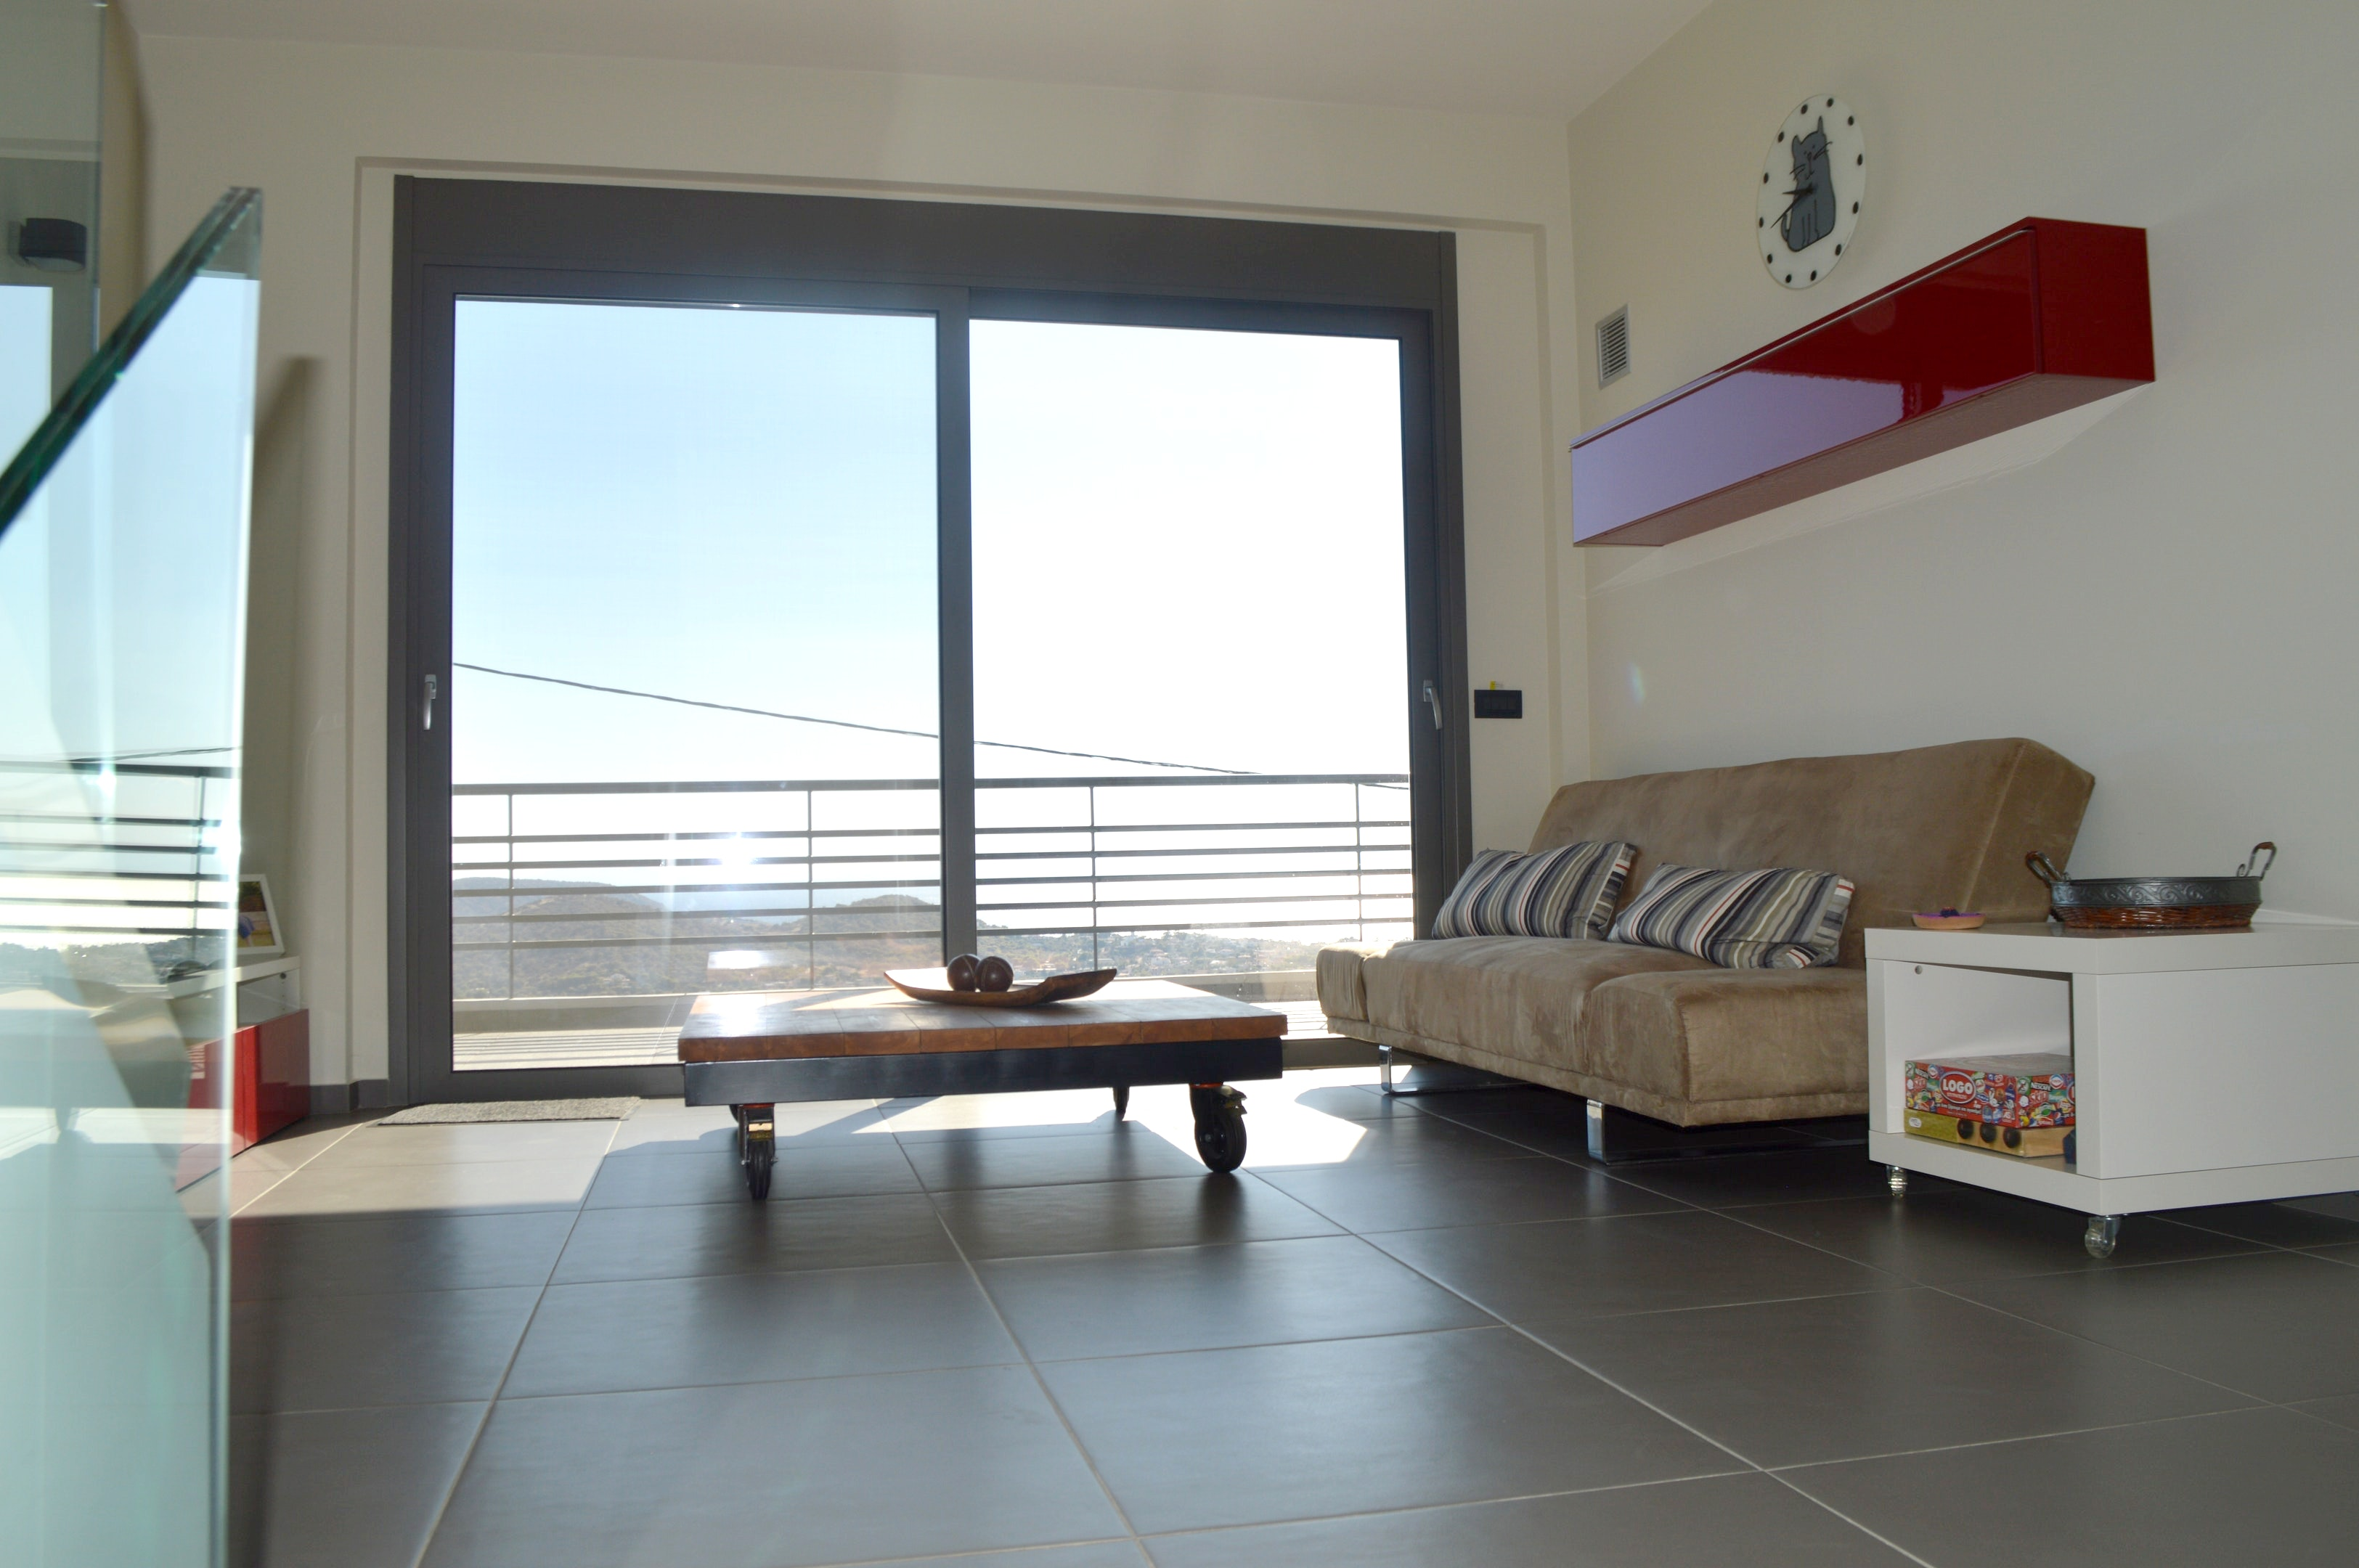 Maison de vacances Villa mit 4 Schlafzimmern in Anavissos mit herrlichem Meerblick, privatem Pool, eingezäunt (2339408), Thimari, , Attique, Grèce, image 5